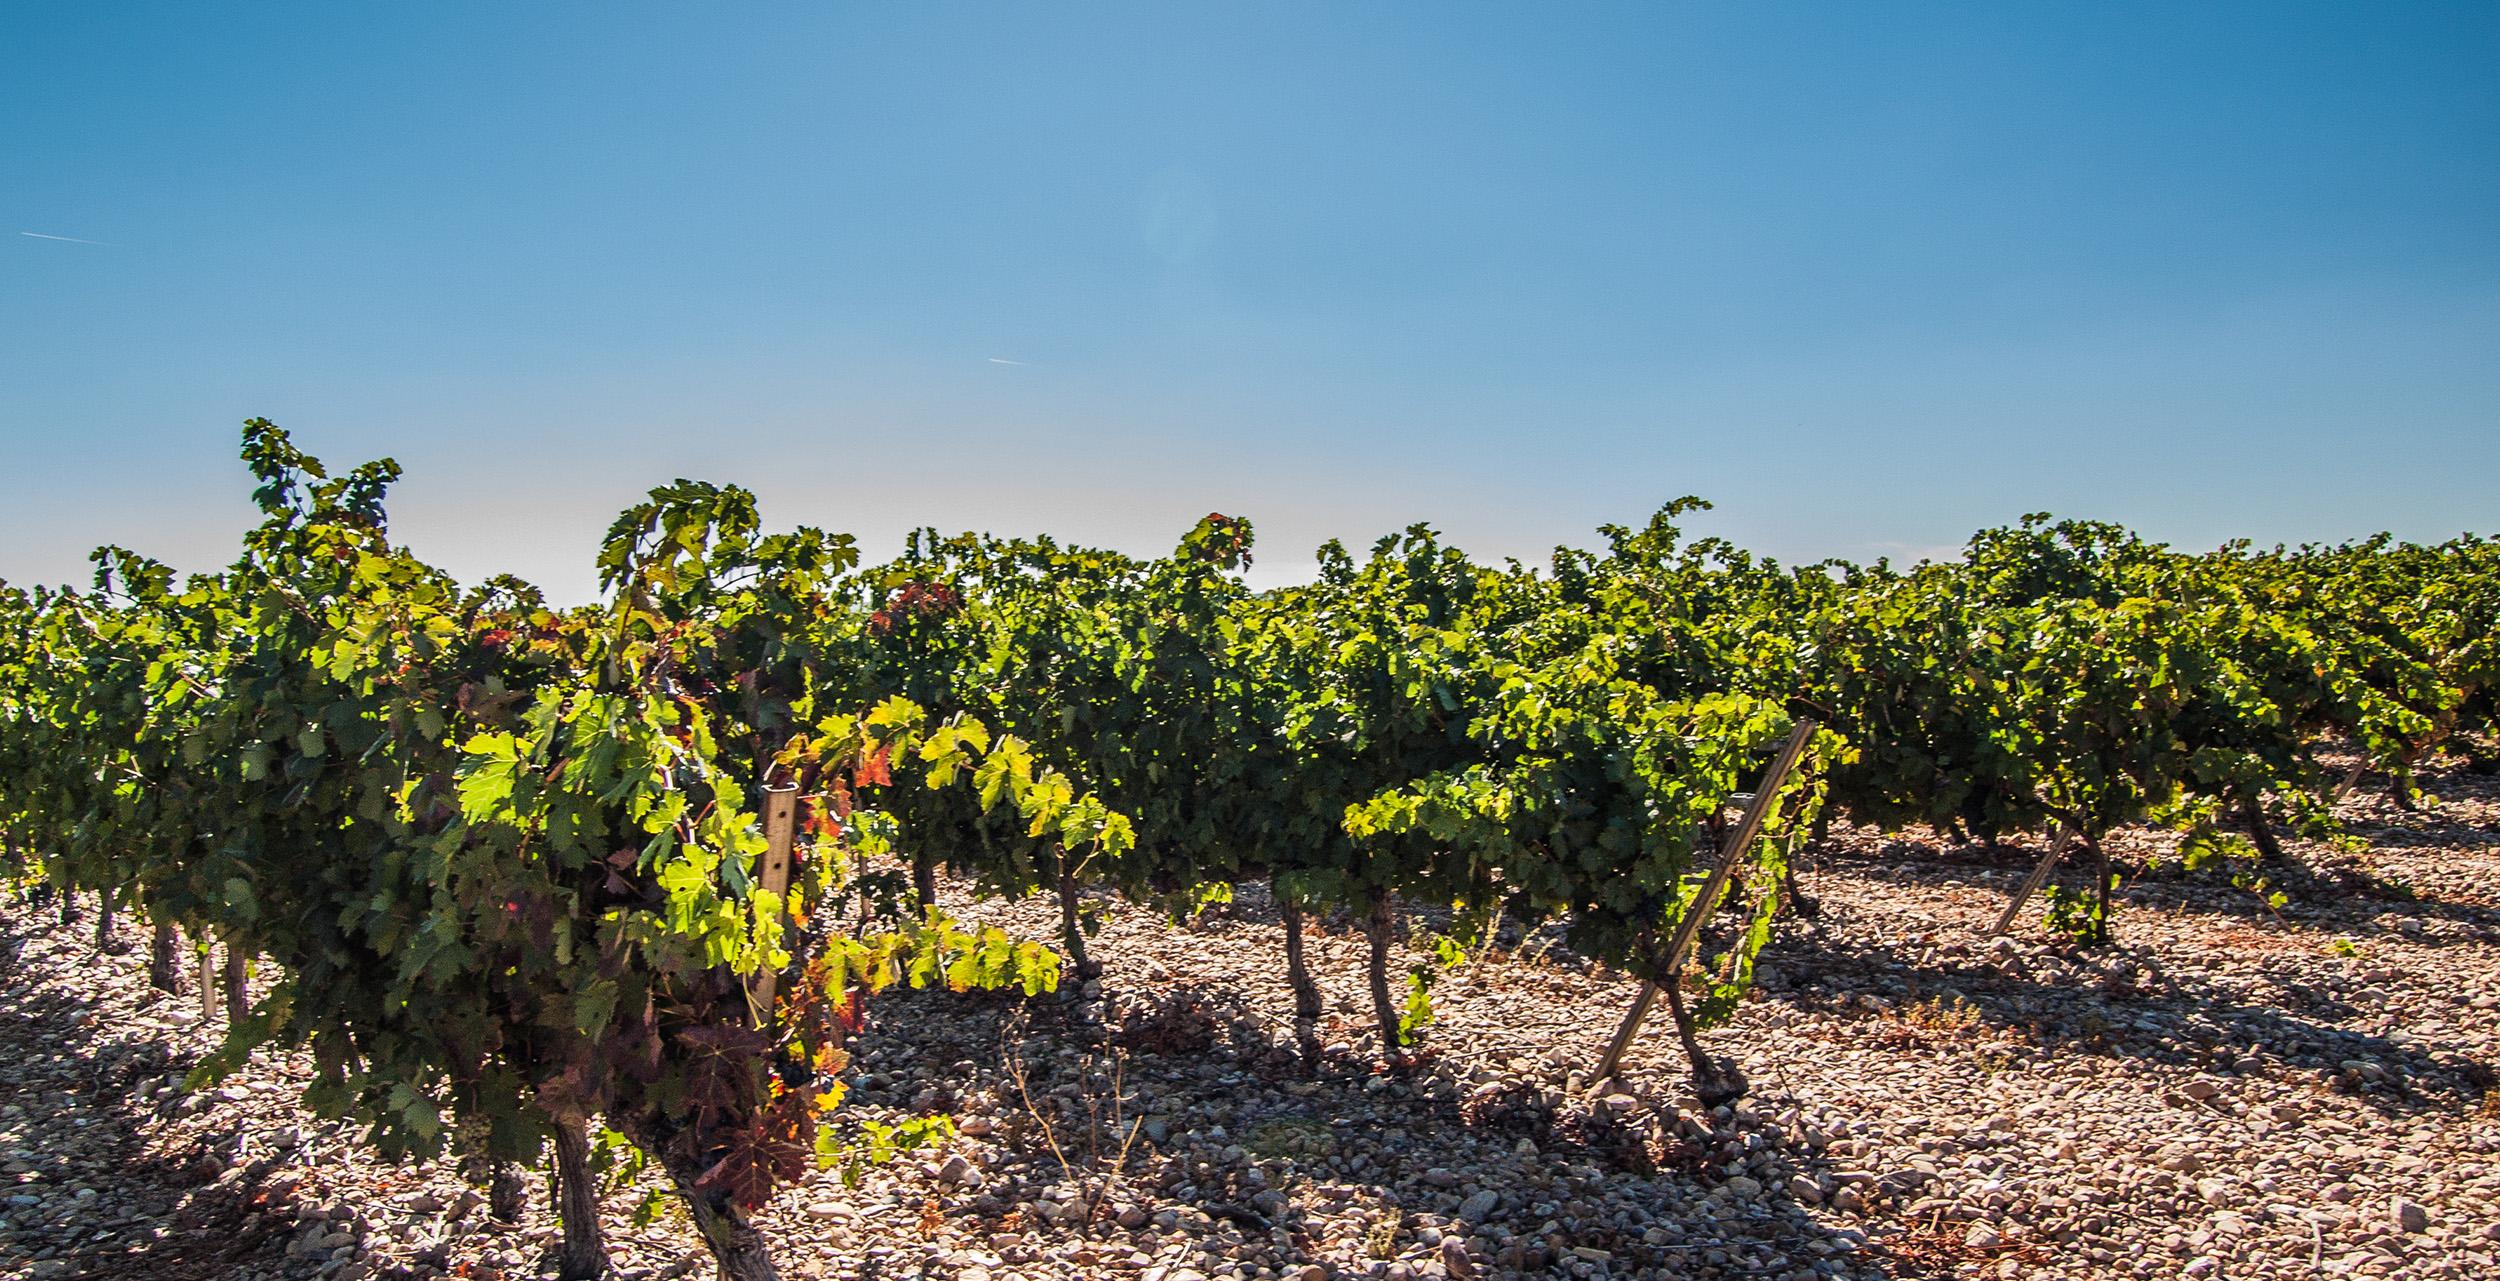 Viñas-bodega-la-milagrosa